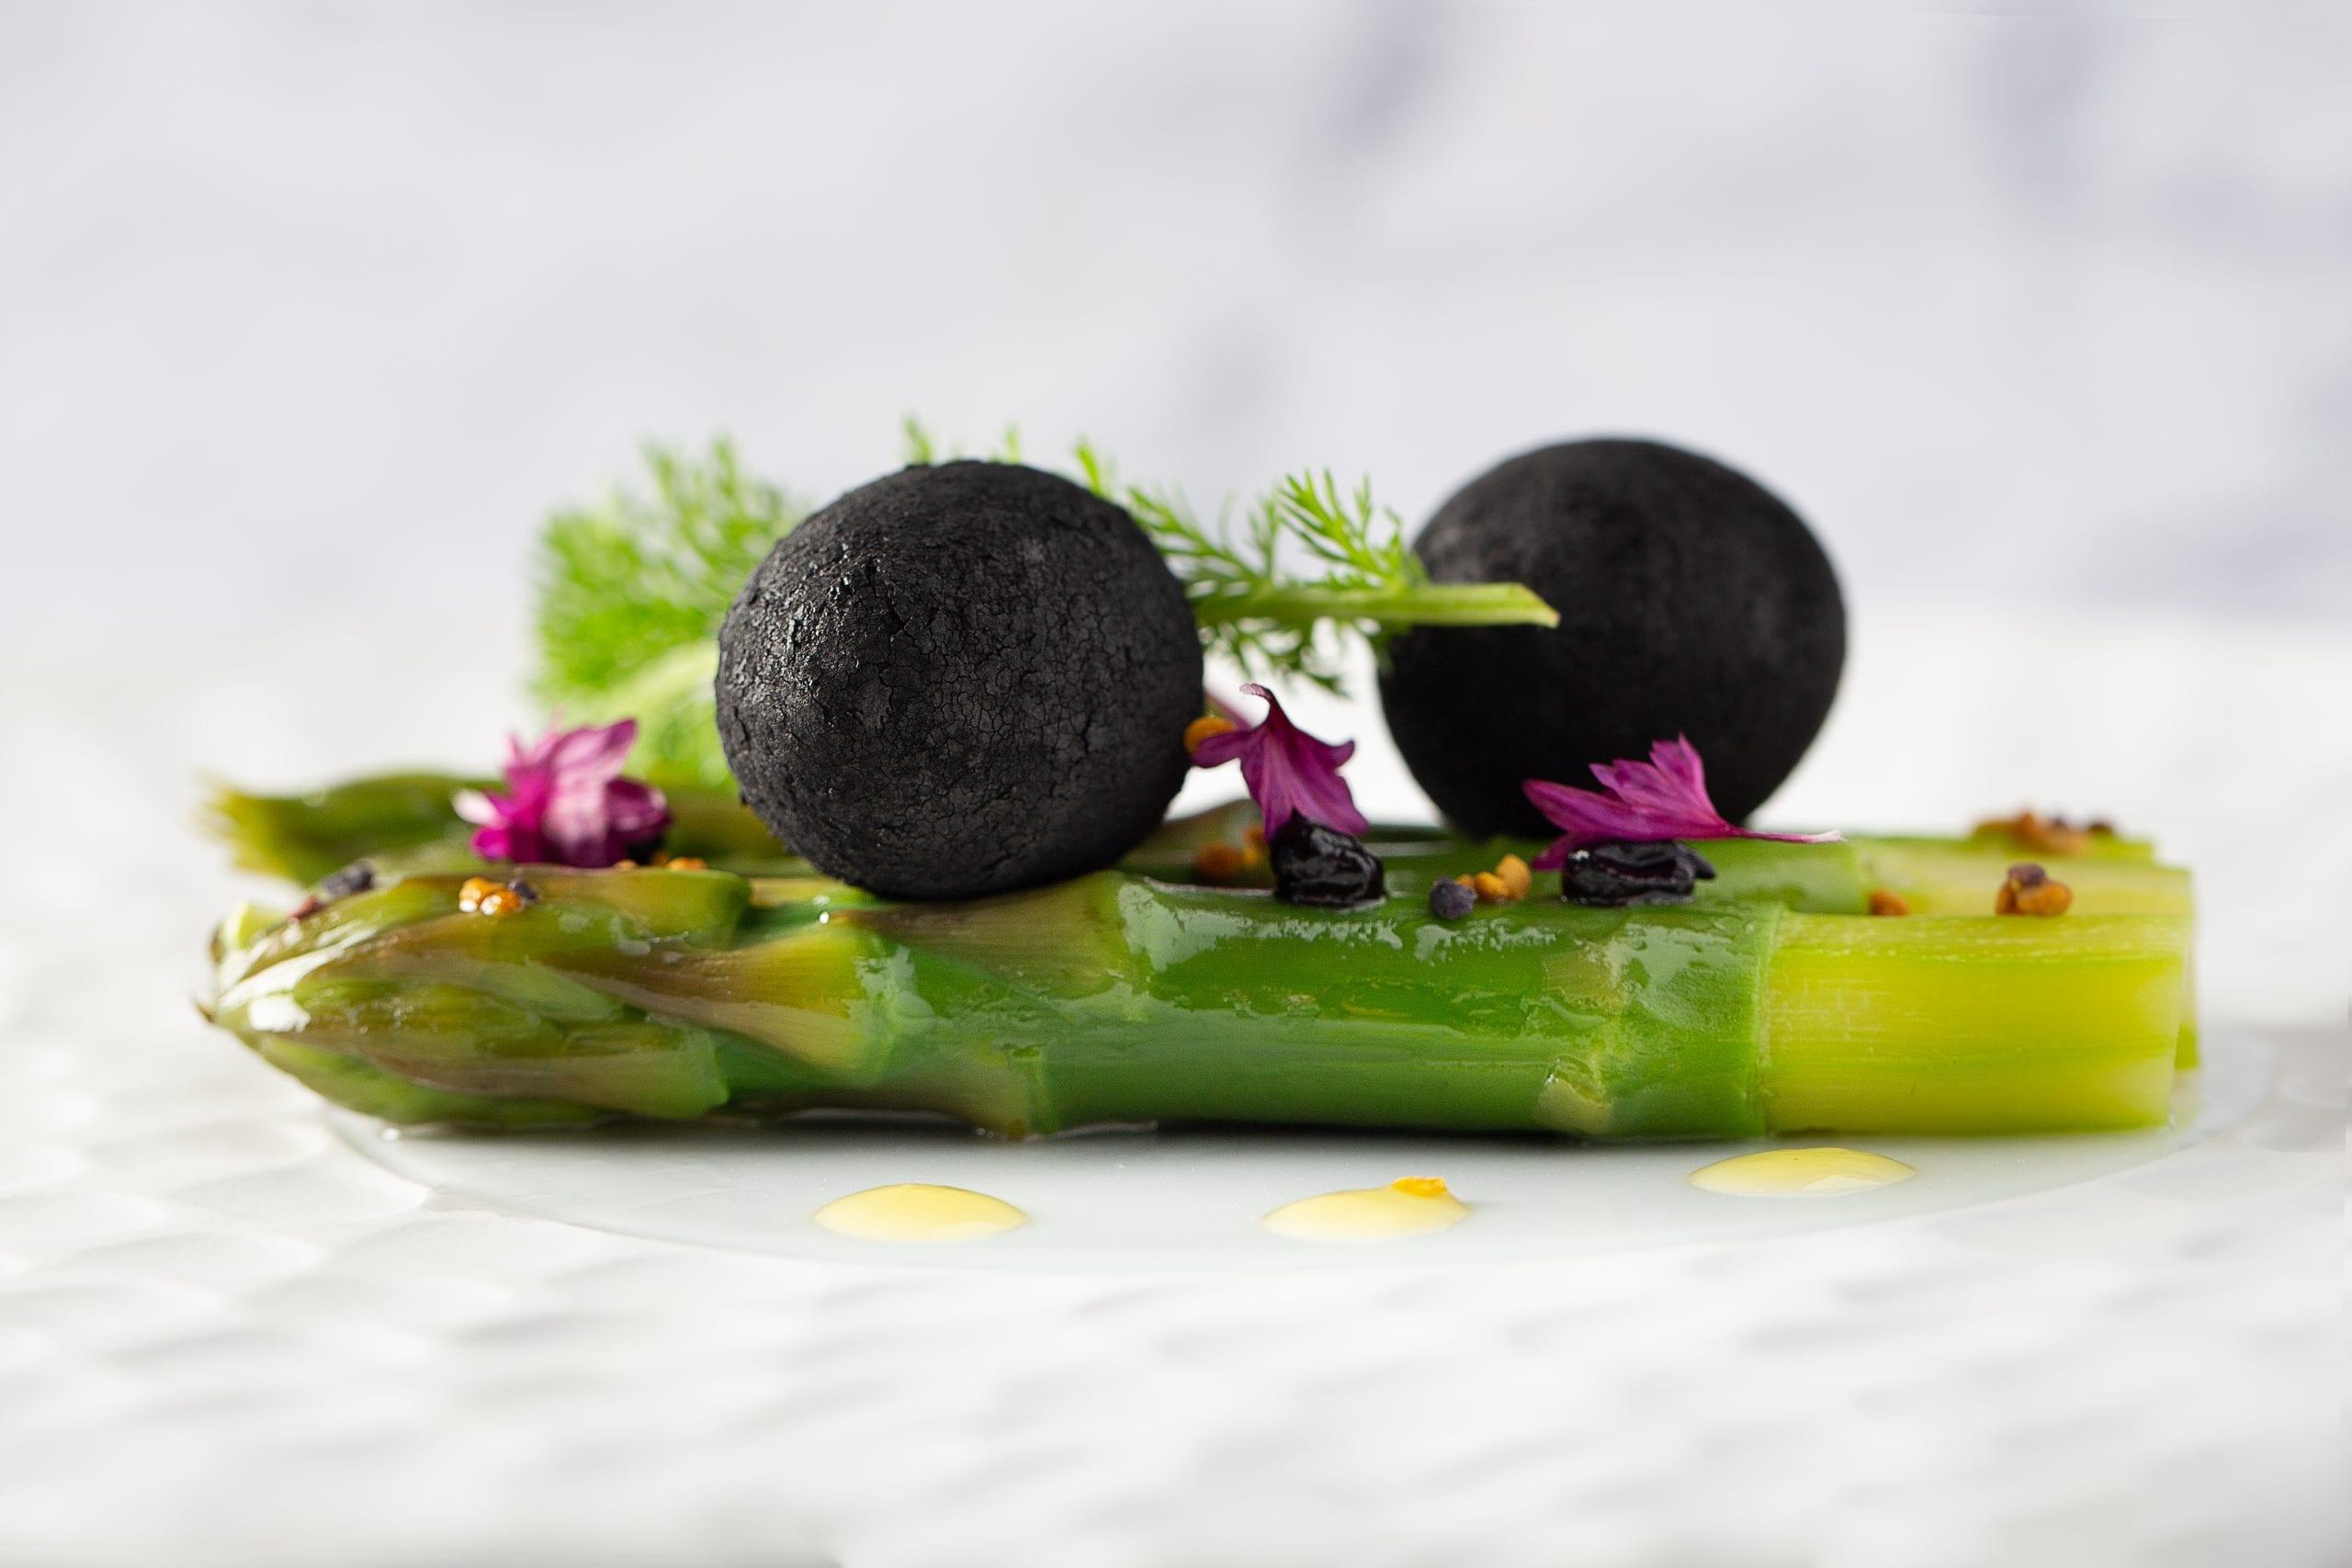 Les asperges au charbon du restaurant d'Aveyron